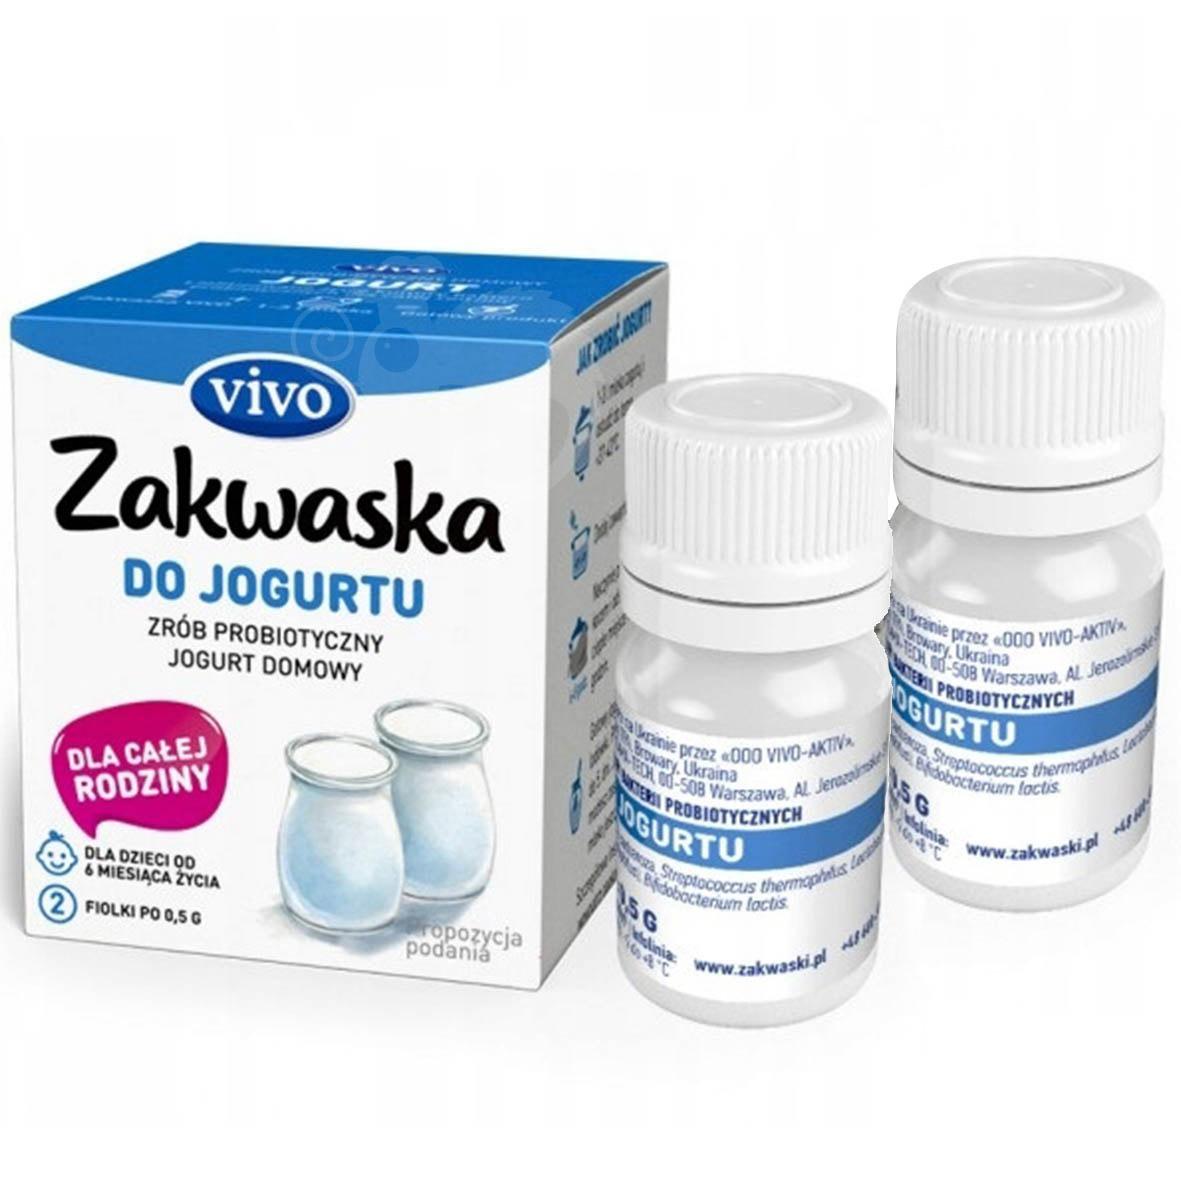 Zakwaska Vivo DO JOGURTU kultury bakterii 2 szt